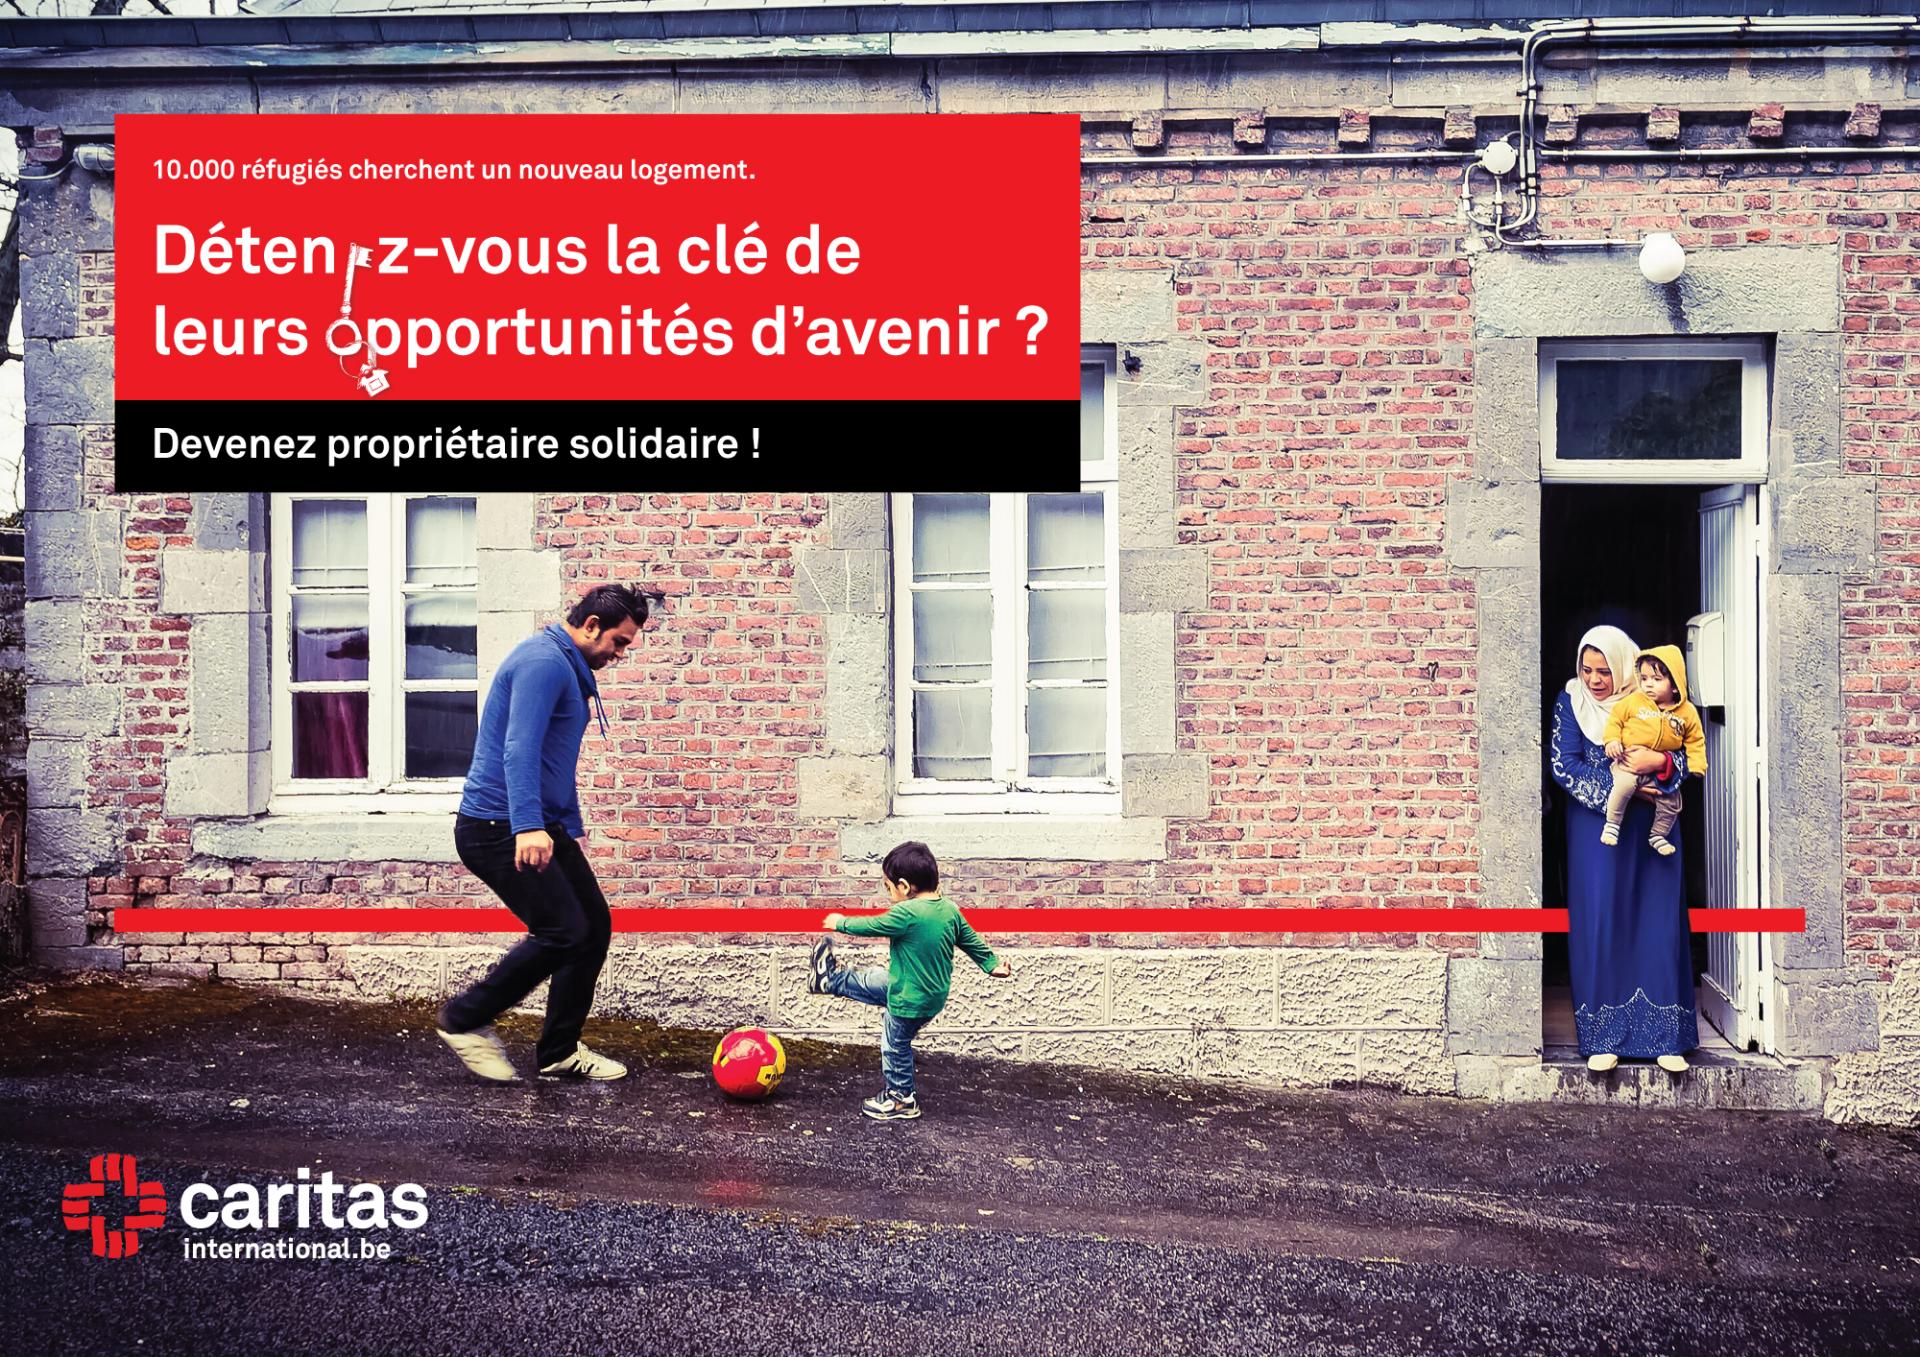 Caritas International 10.000 réfugiés cherchent un nouveau logement